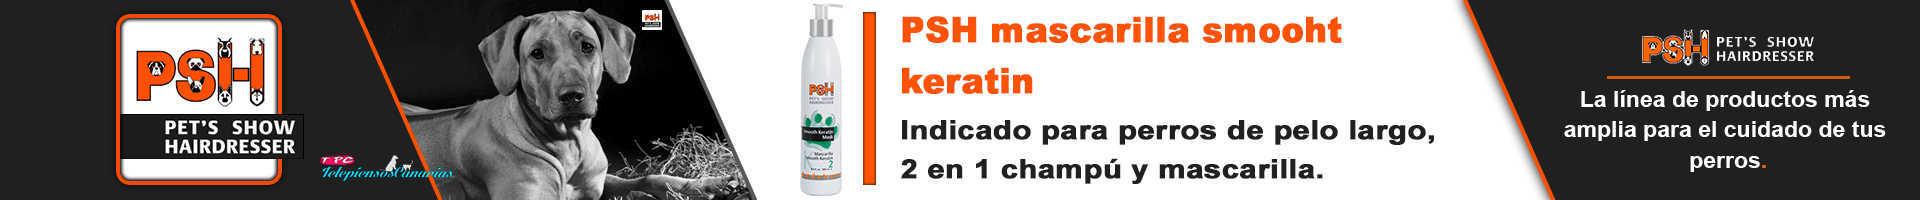 PSH mascarilla para perros Smooth keratin, para razas de pelo largo y lacio